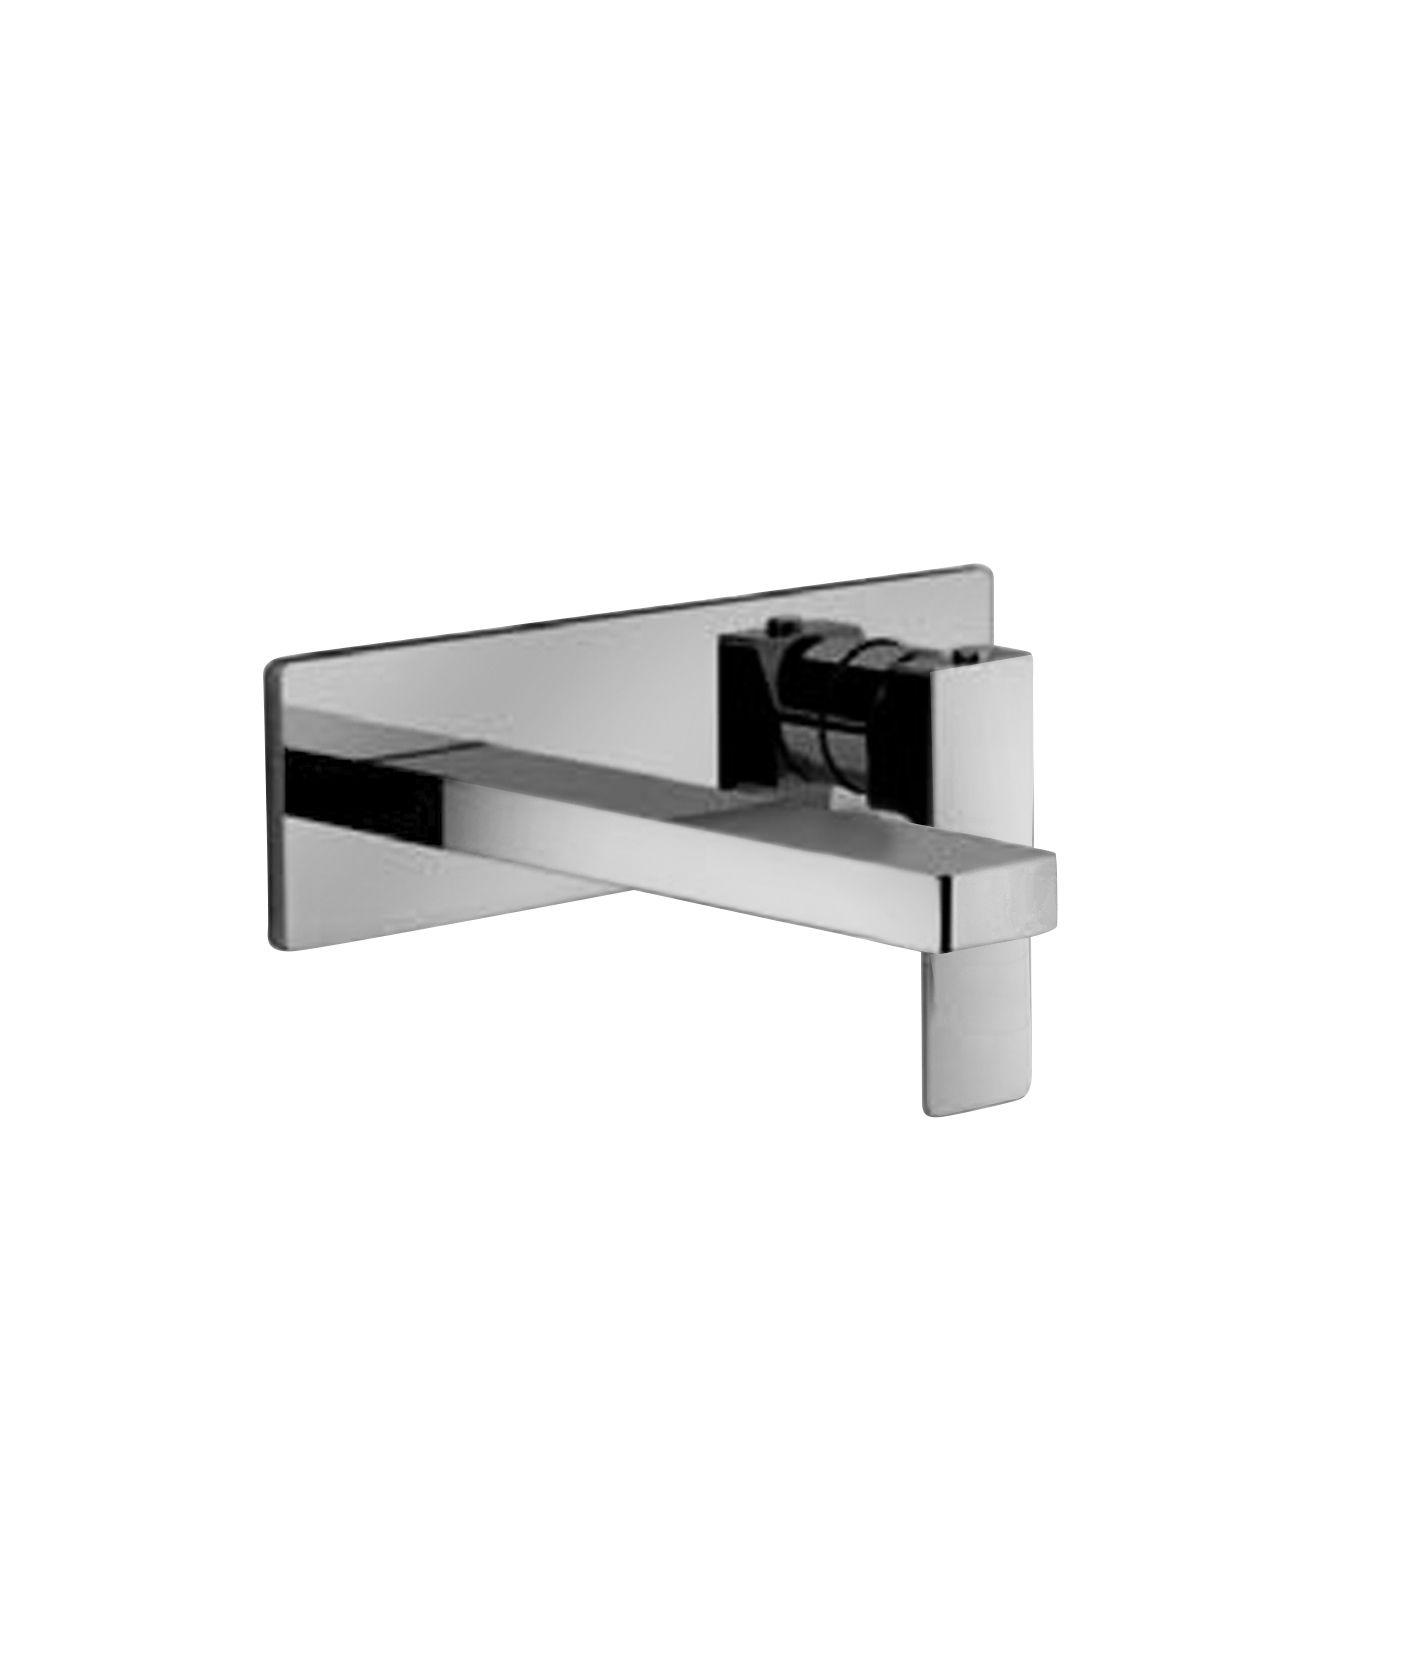 #Fantini #Mint #miscelatore #lavabo da parete F810B M011A   #Cromo   su #casaebagno.it a 428 Euro/pz   #rubinetteria #moderno #termostatici #bagno #design